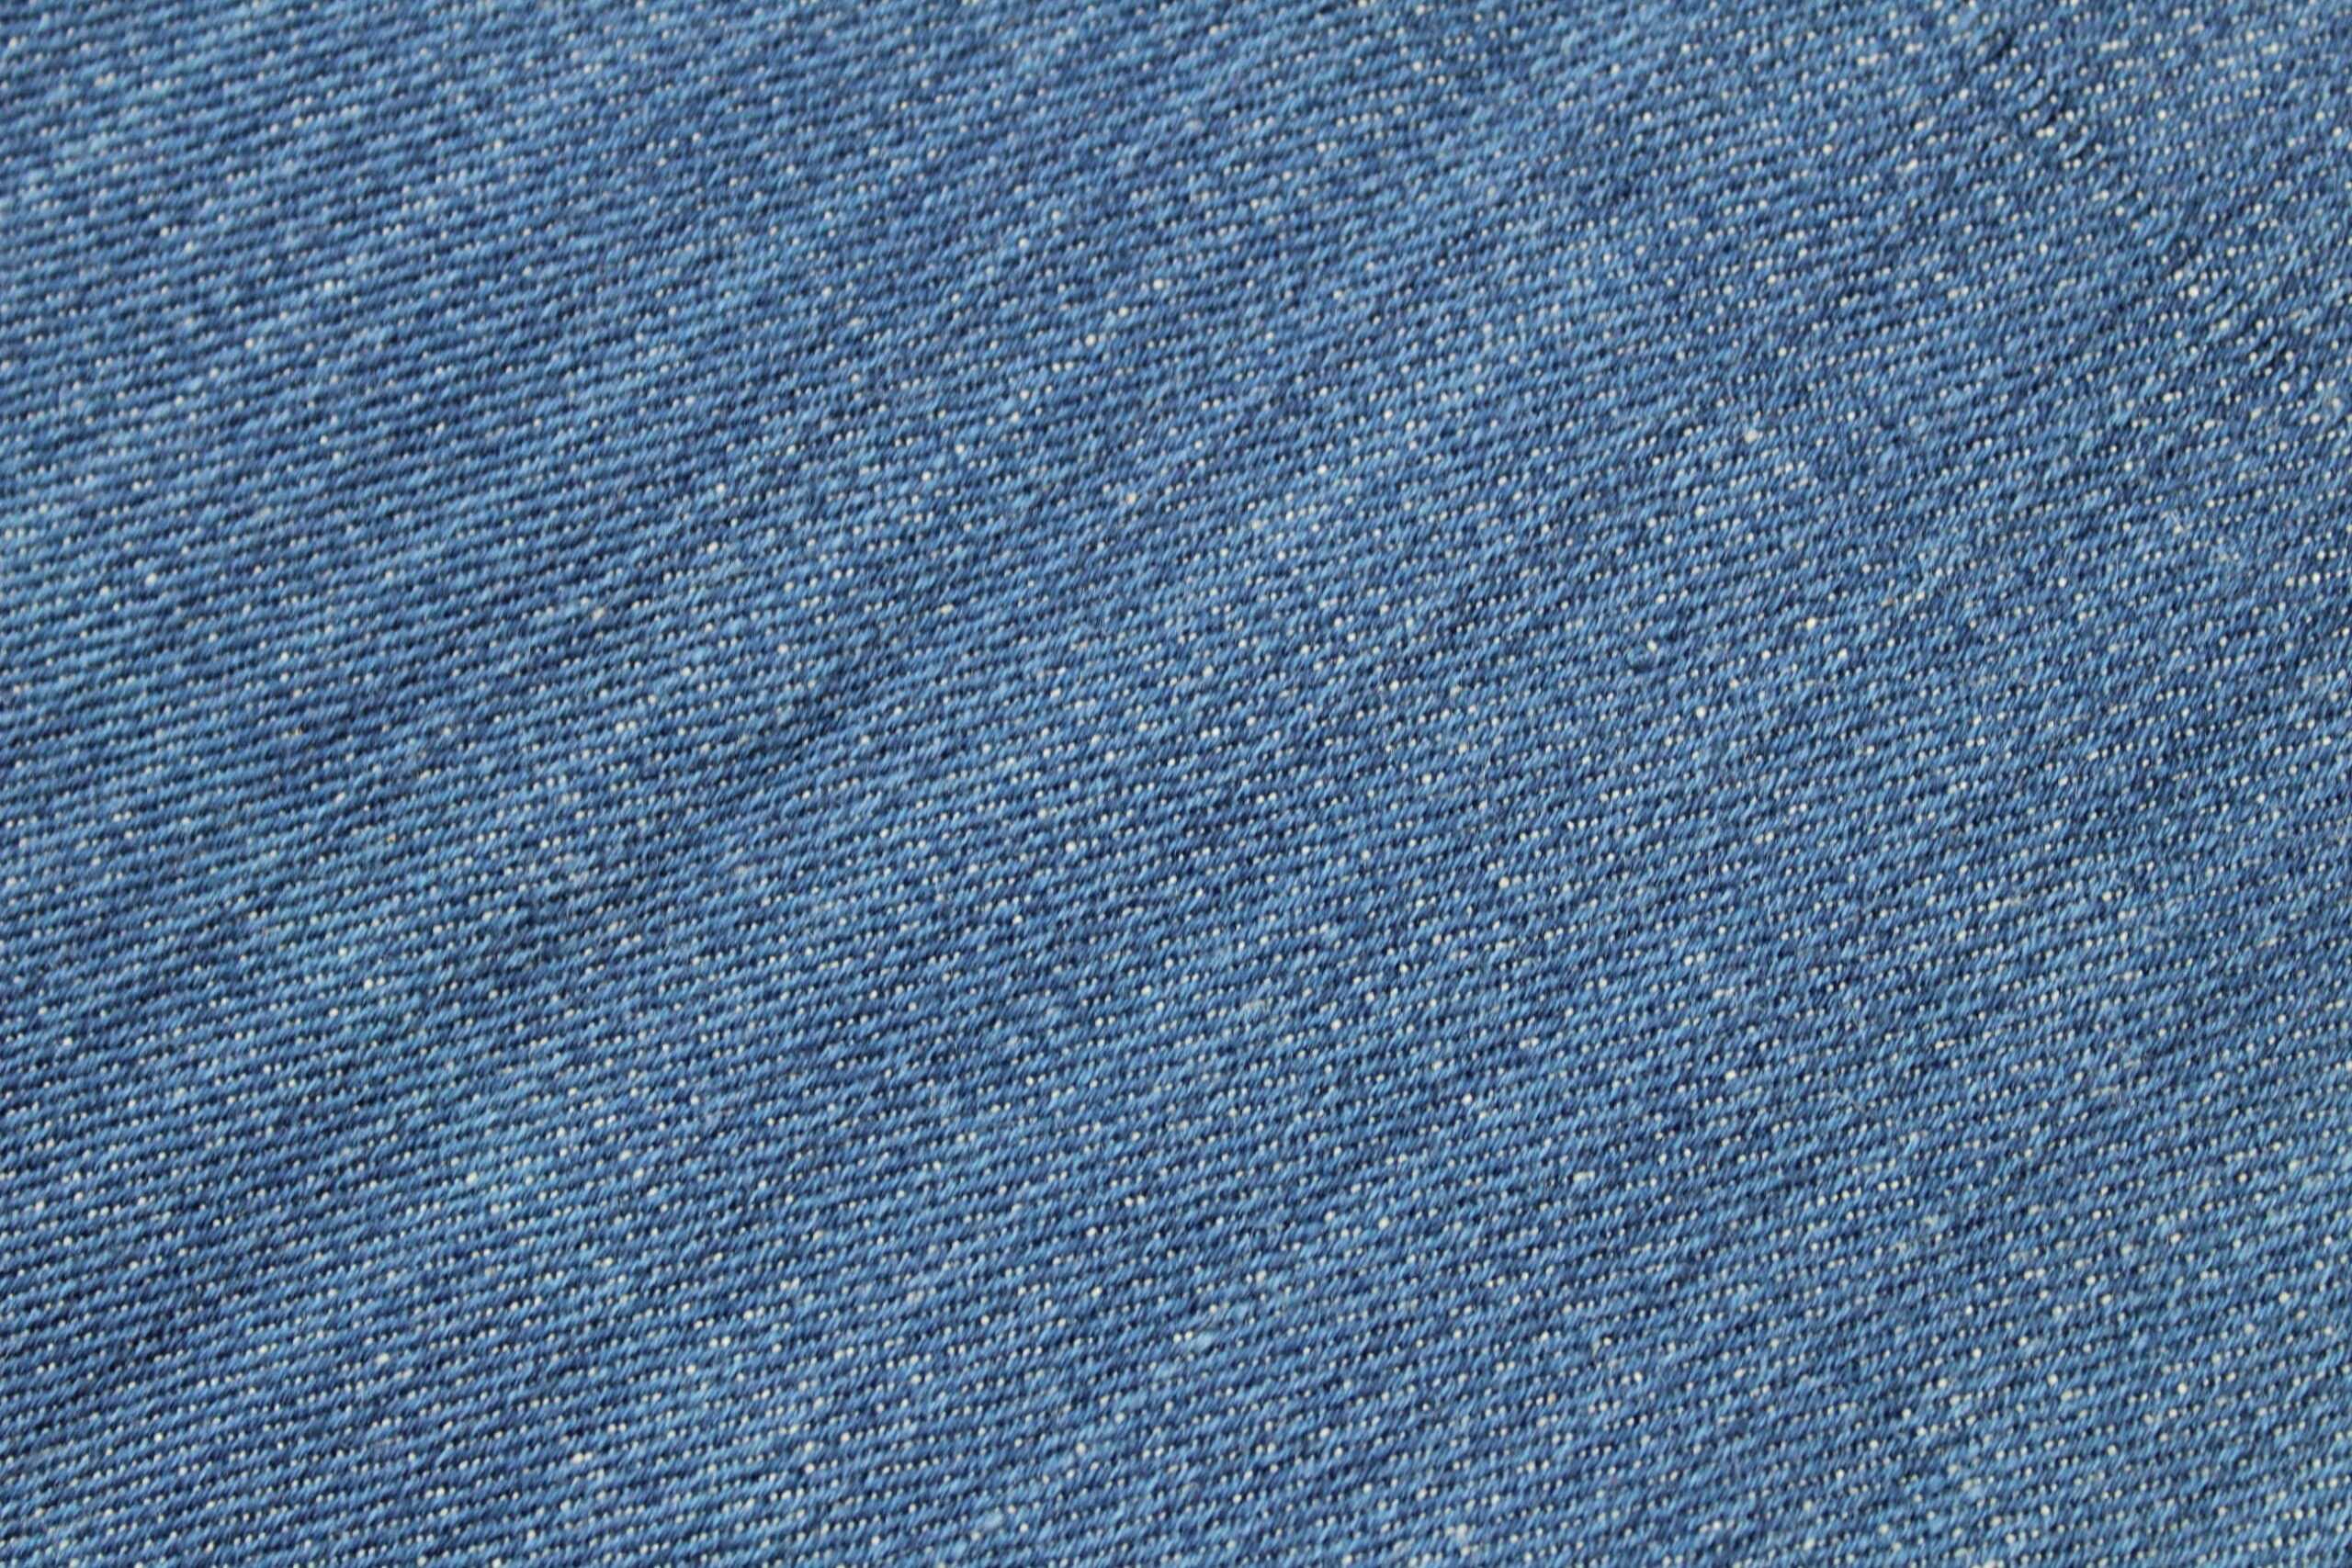 Denim Fabric pic 5